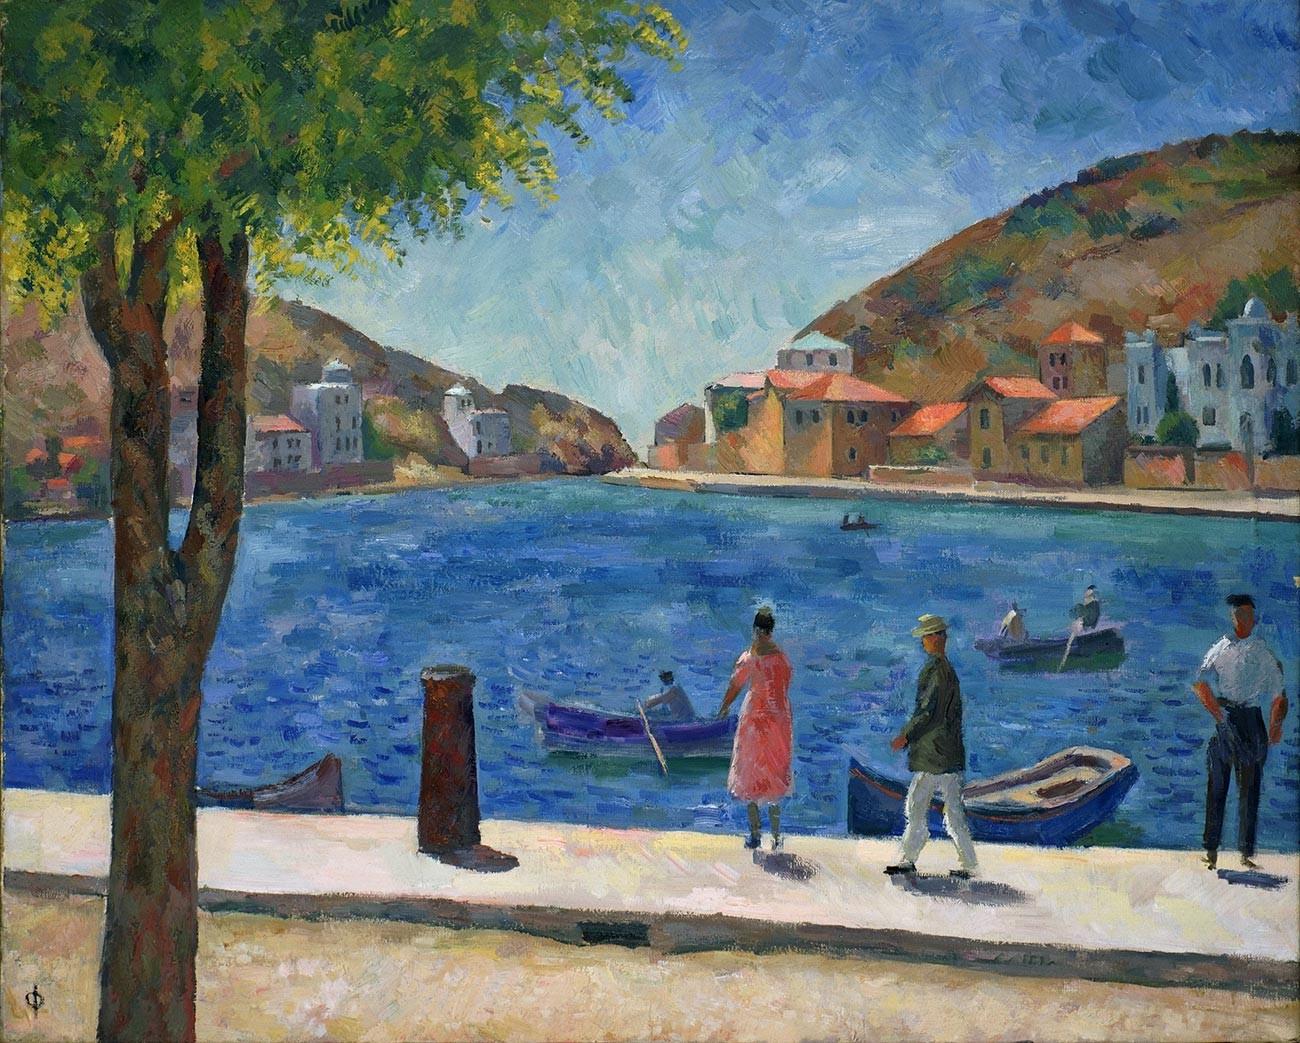 Baie à Balaklava [ville de Crimée]. 1927